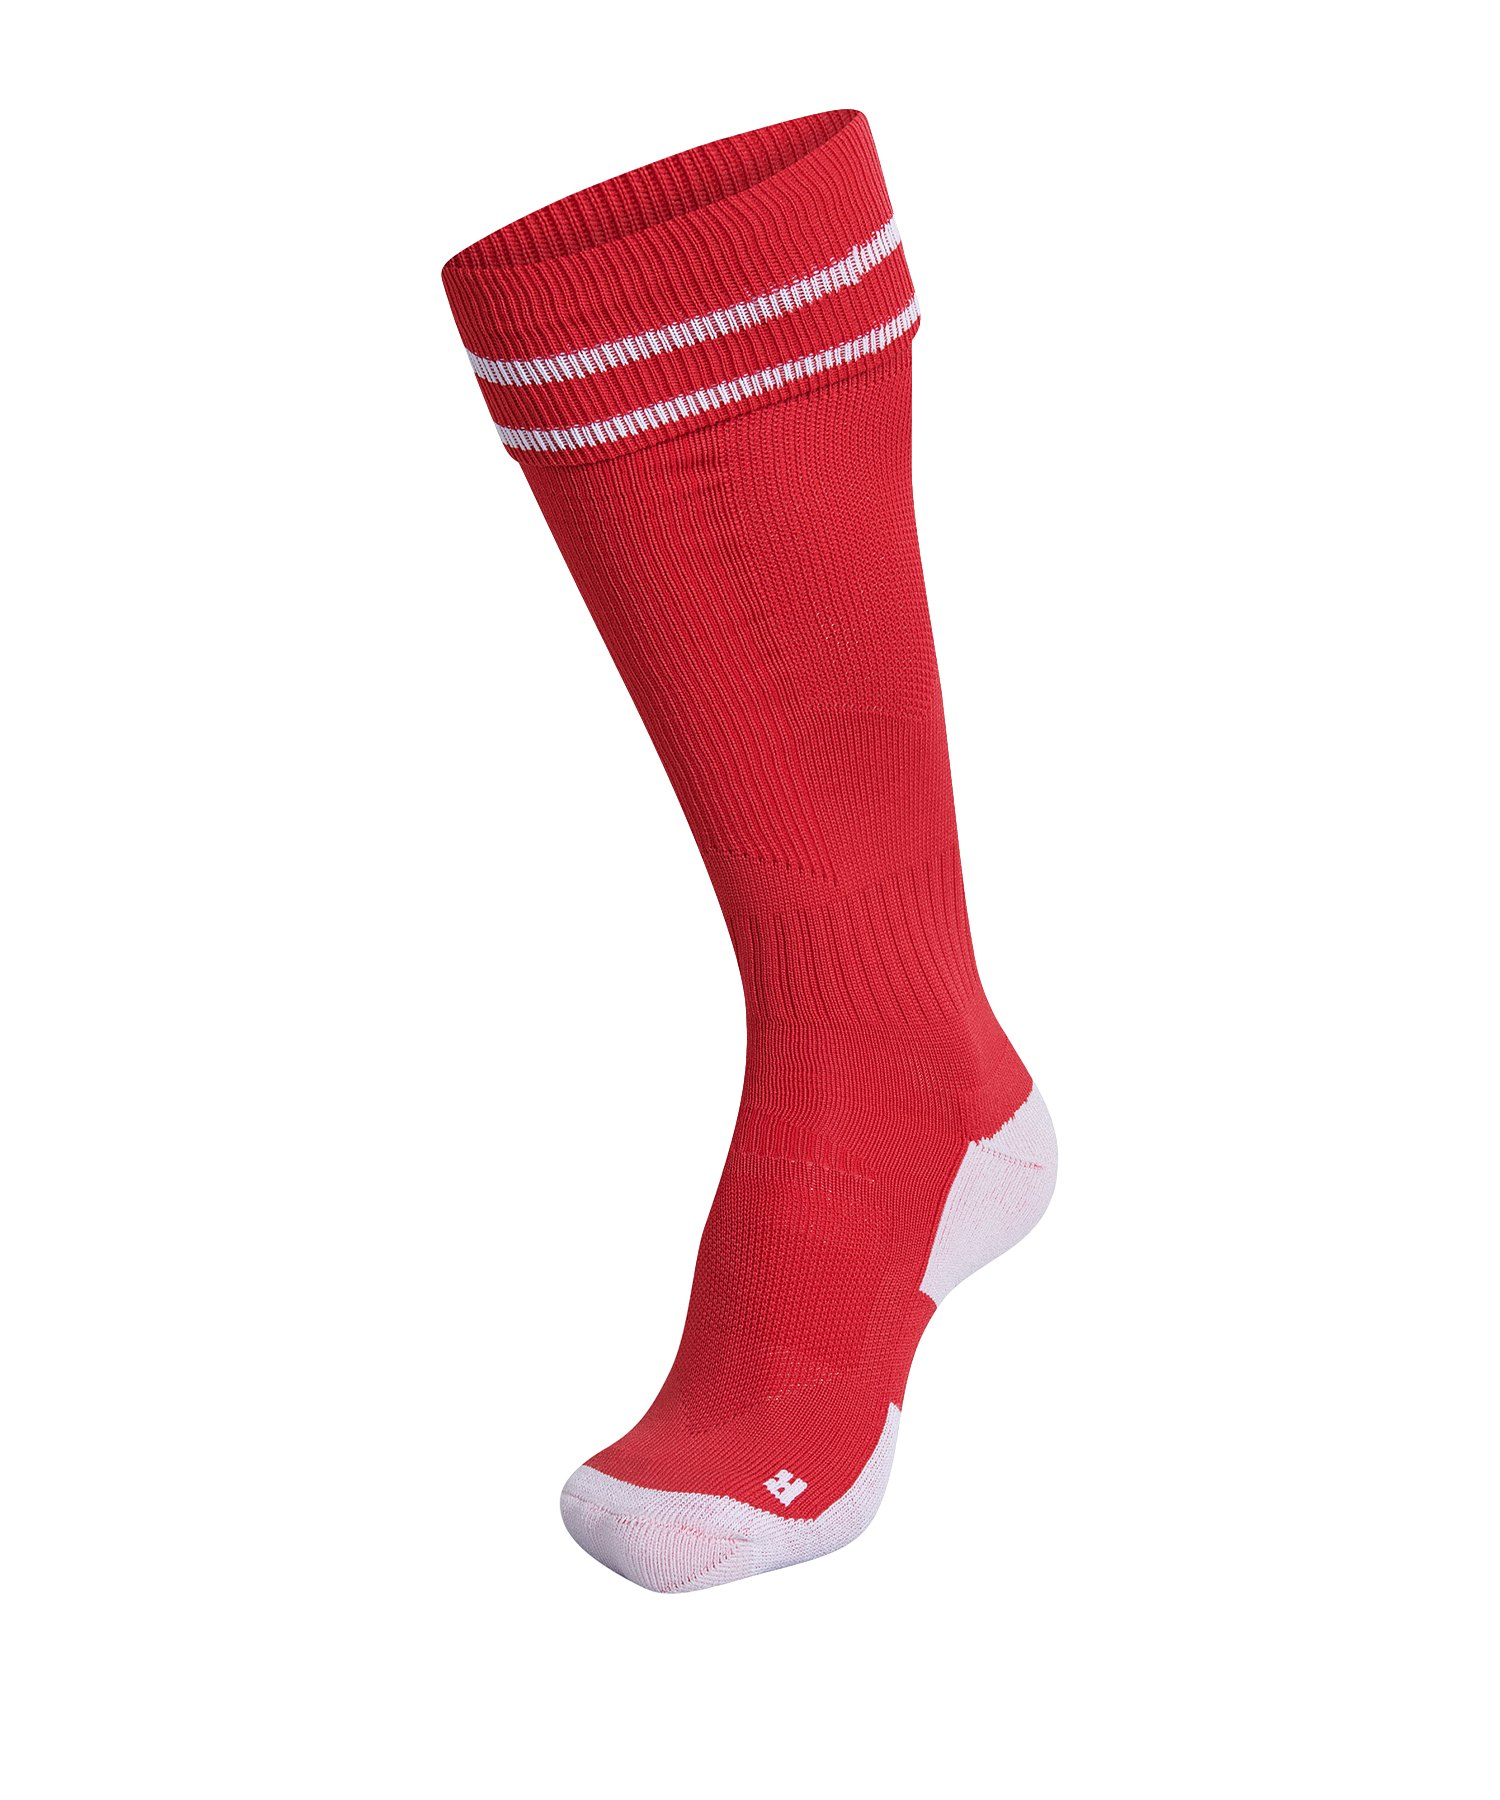 Hummel Football Sock Socken Rot F3946 - Rot